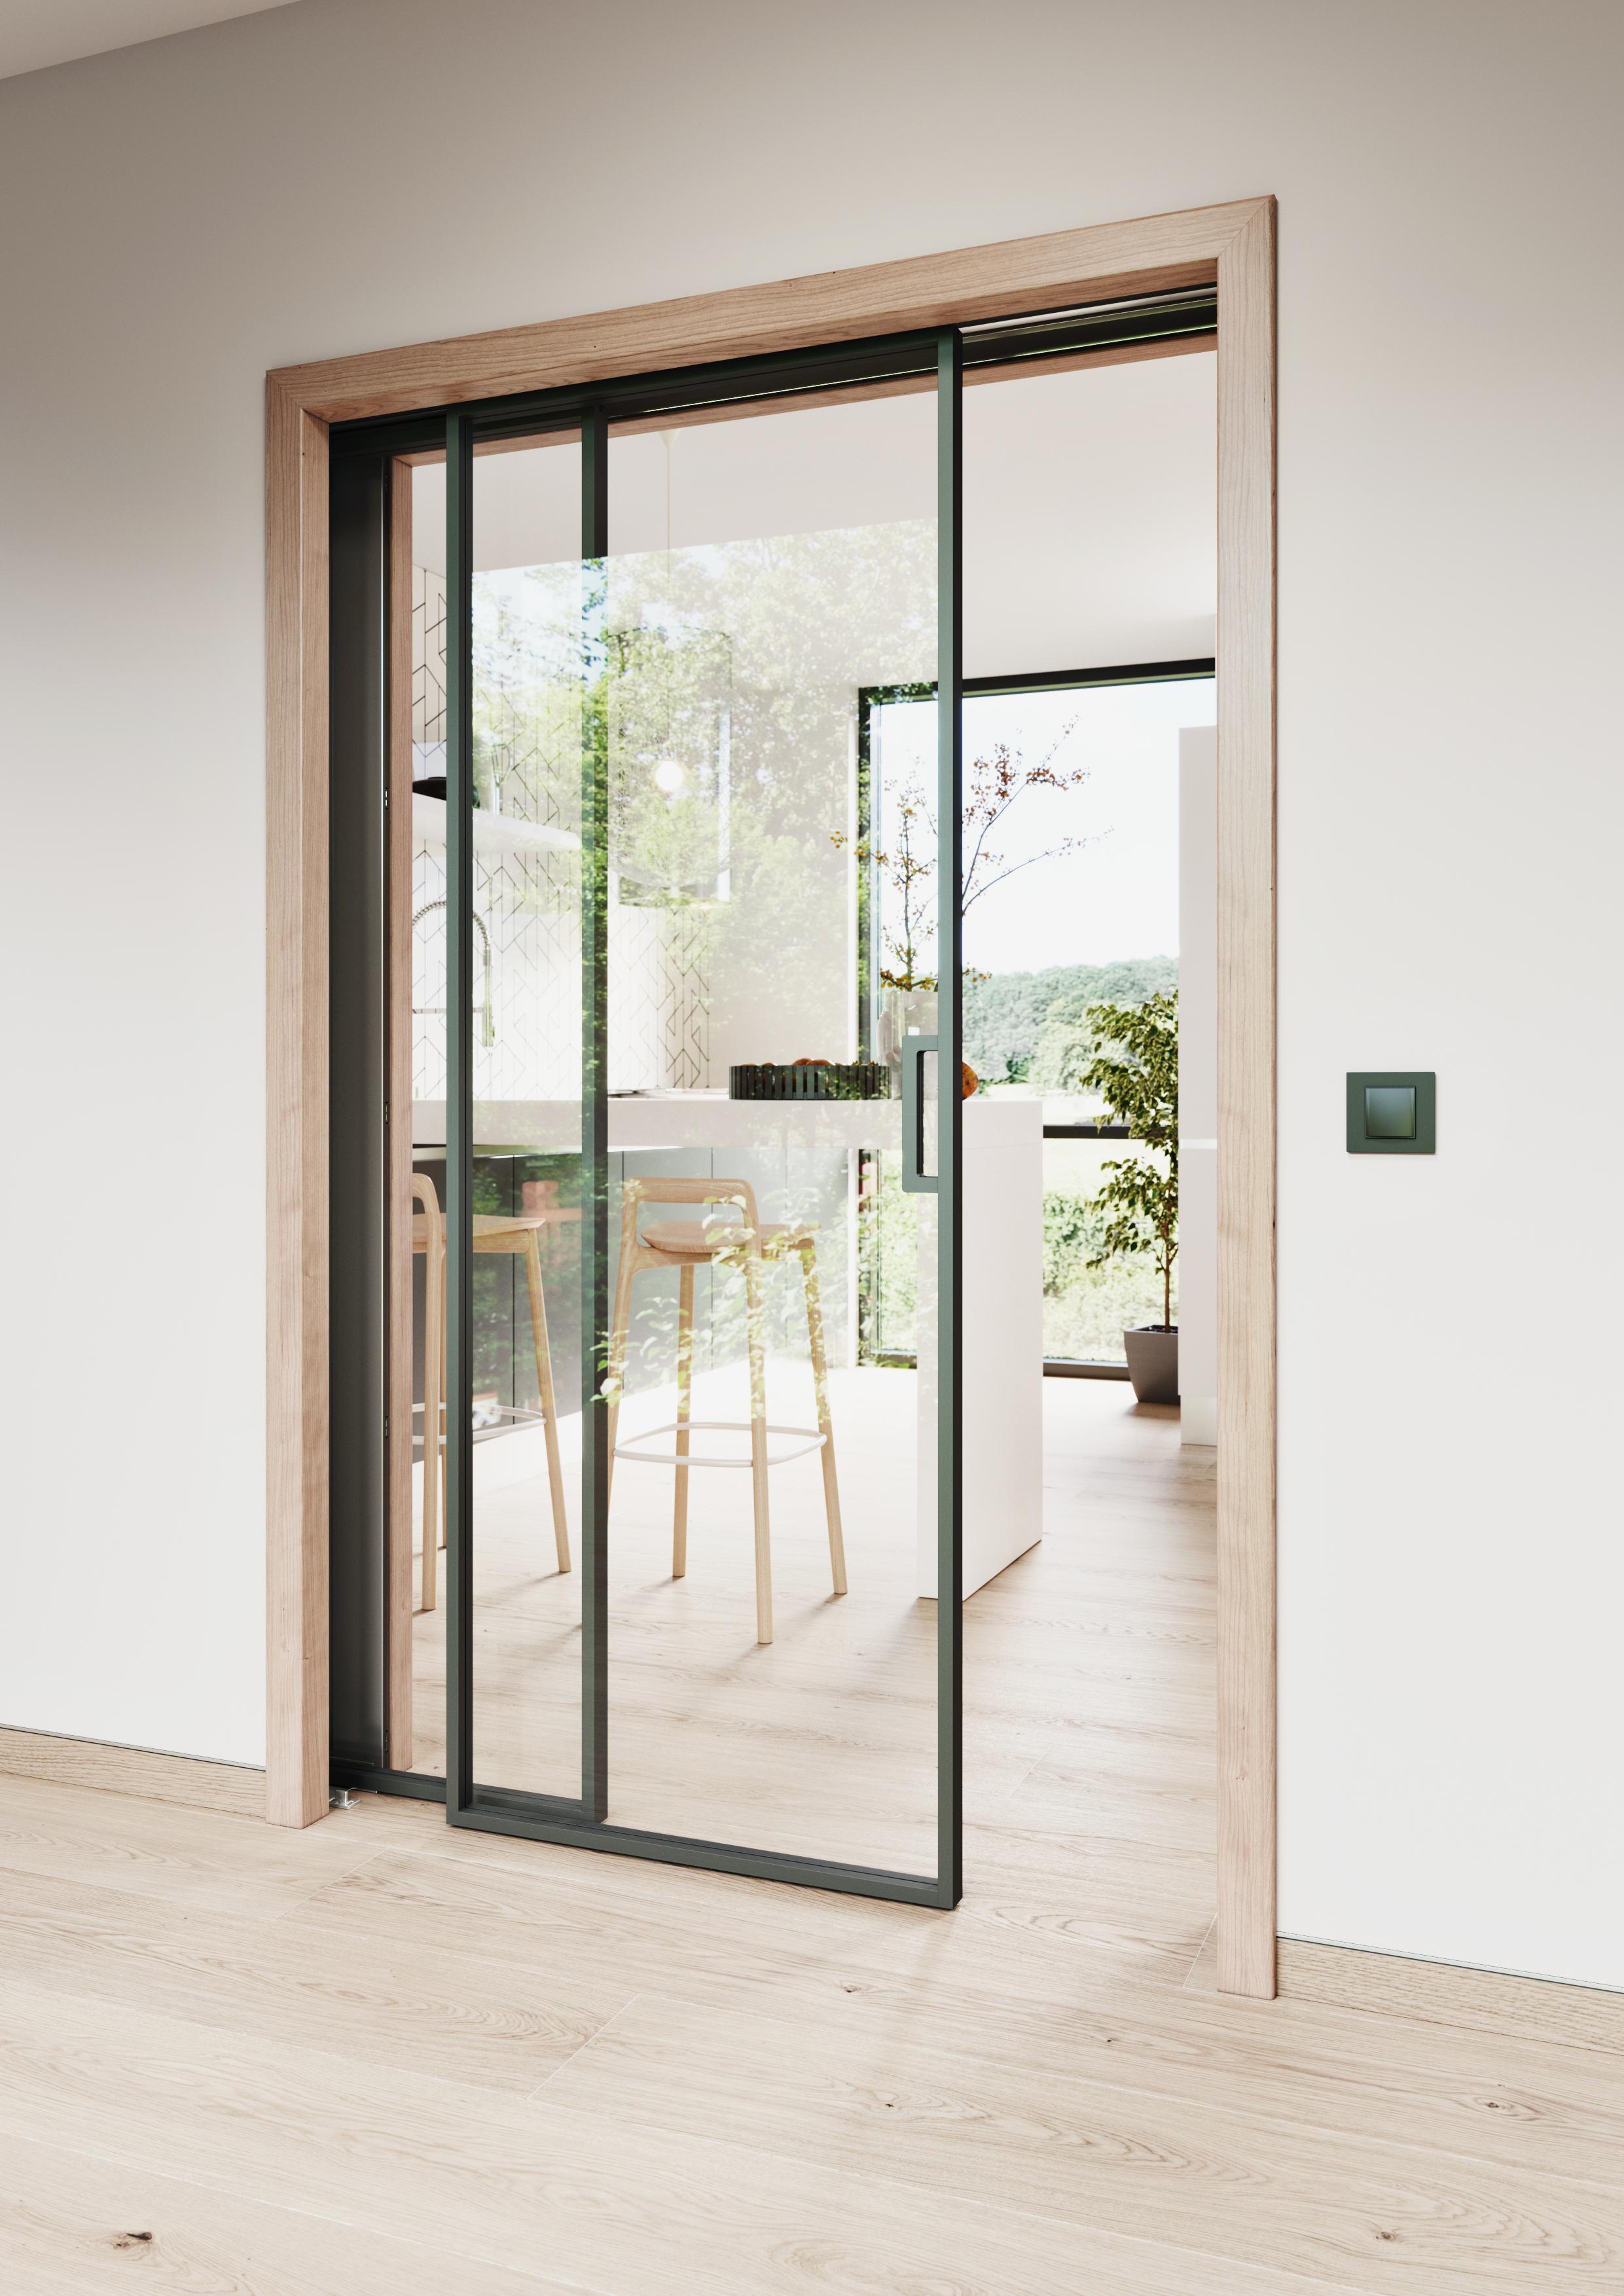 Stavebni pouzdro NORMA PARALELL dvere IDEA cire sklo foto zdroj JAP FUTURE